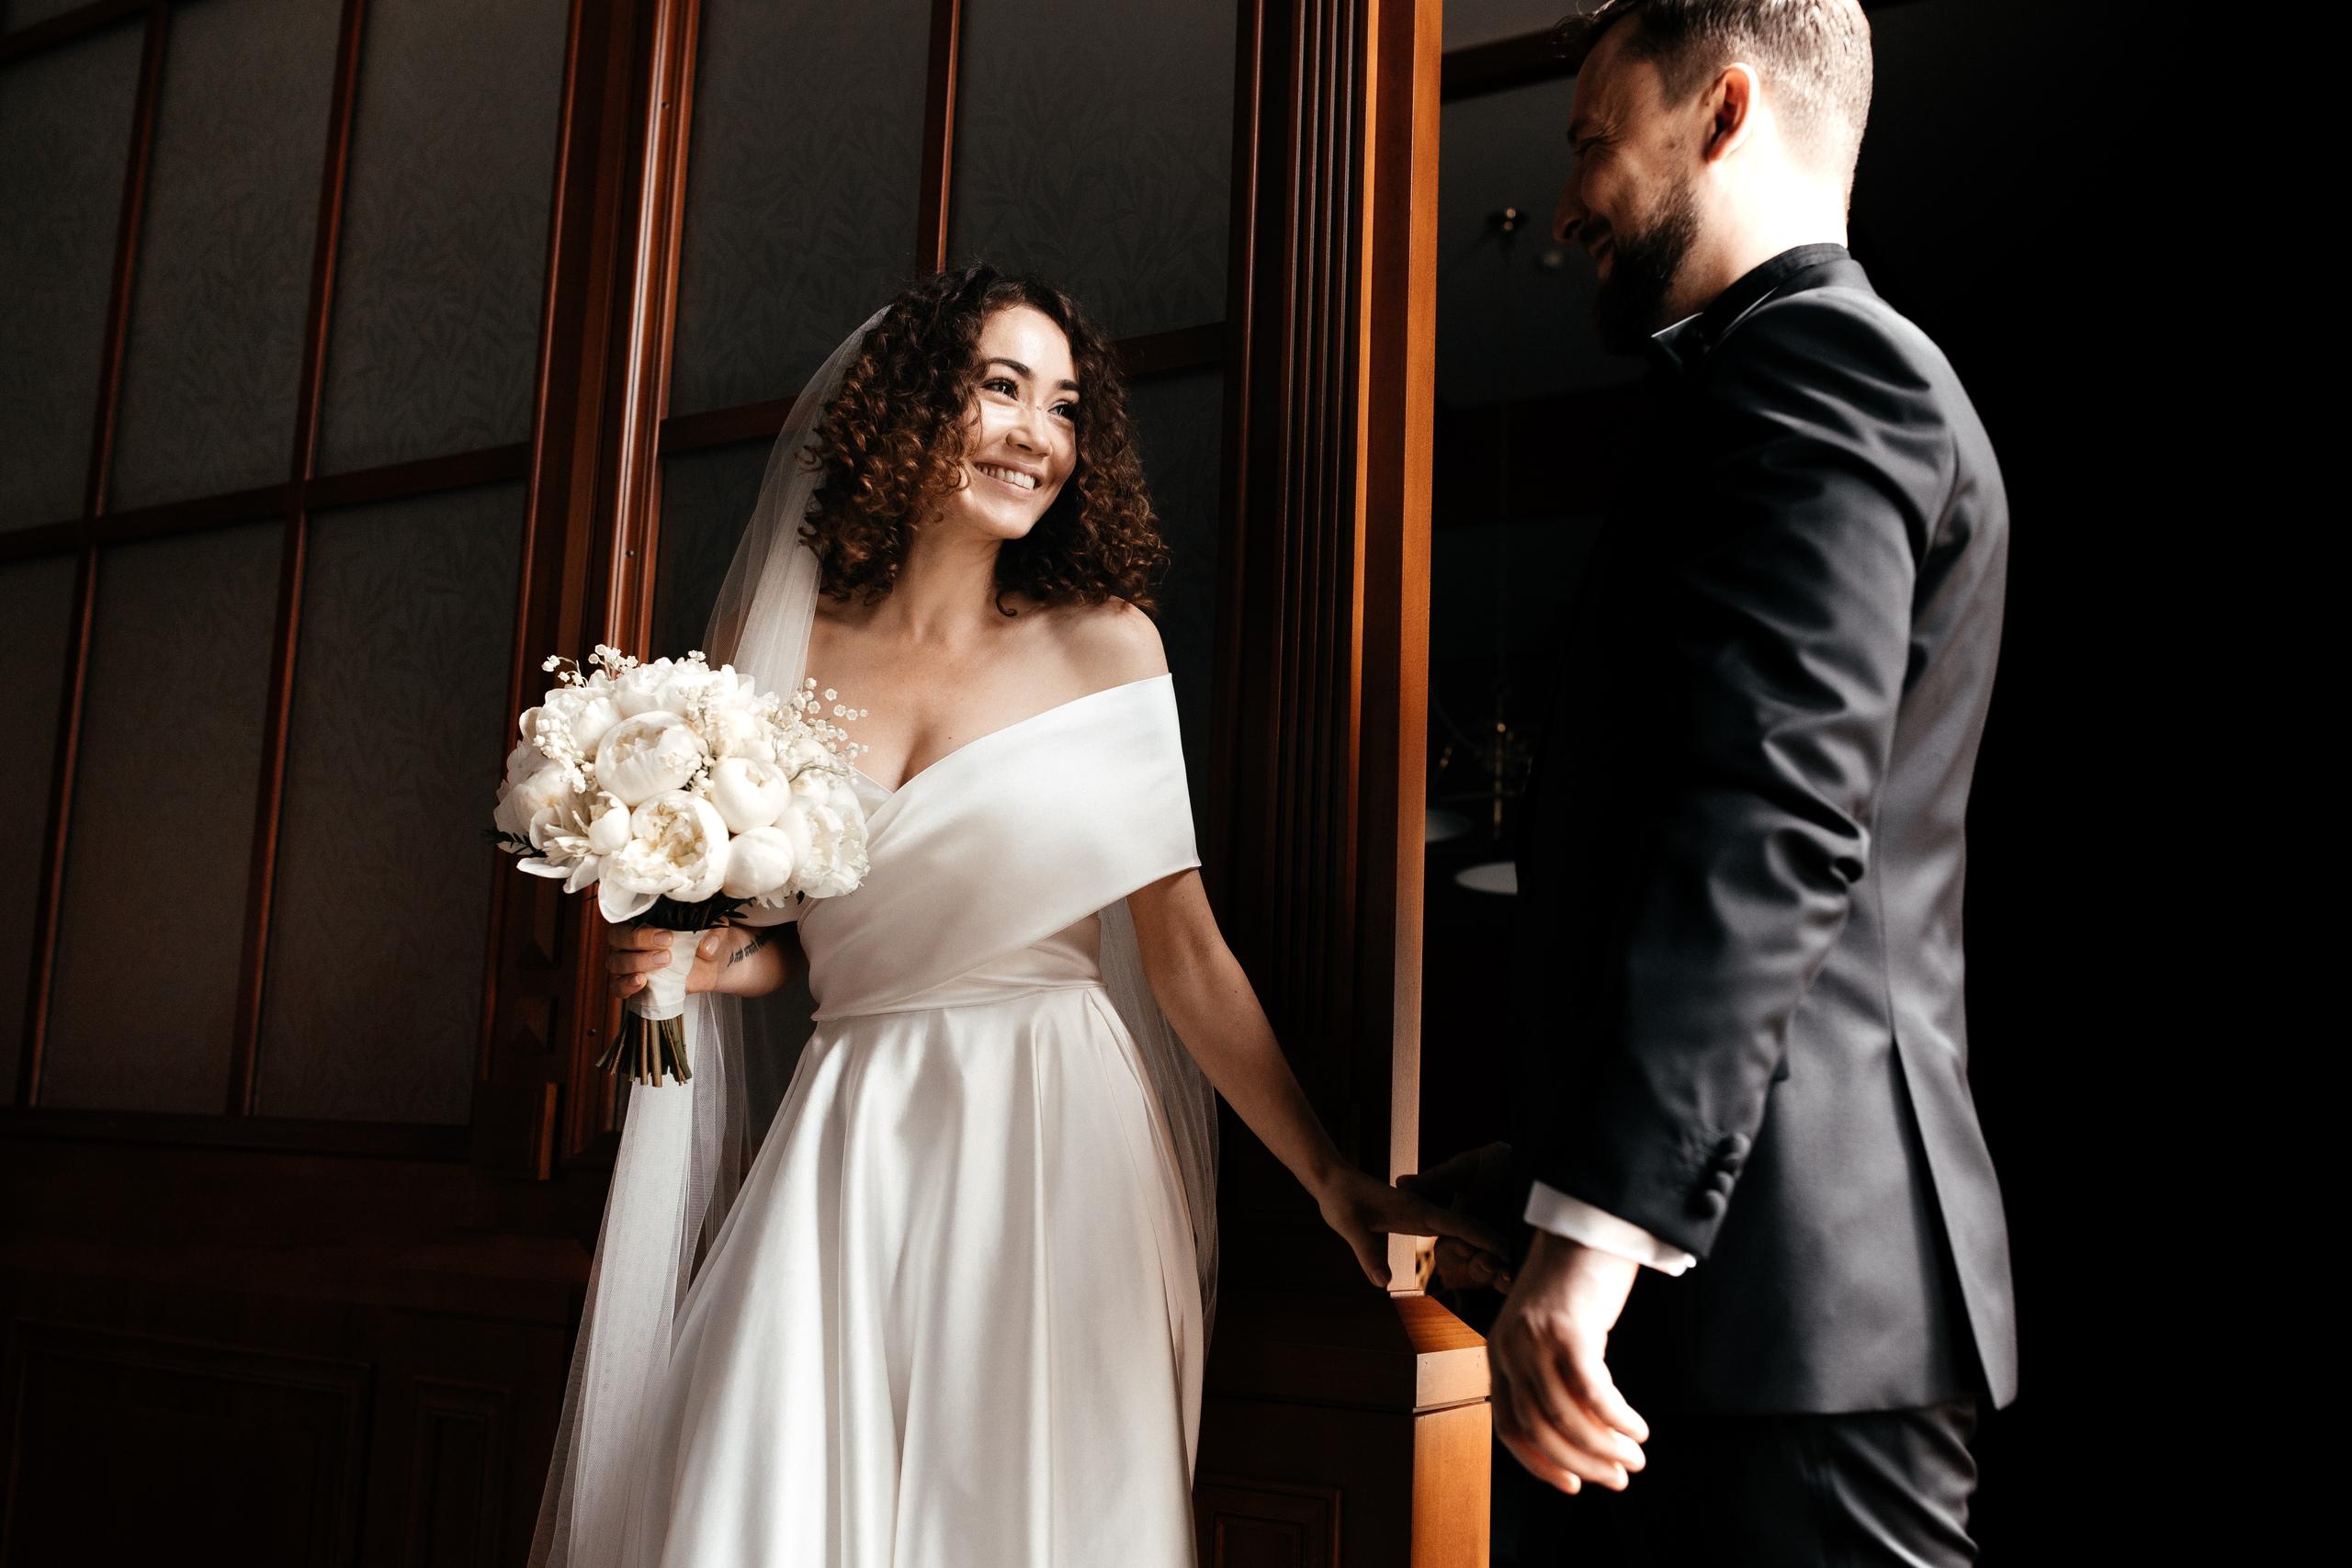 Подготовка к свадьбе: с чего начать и как выбирать подрядчиков?